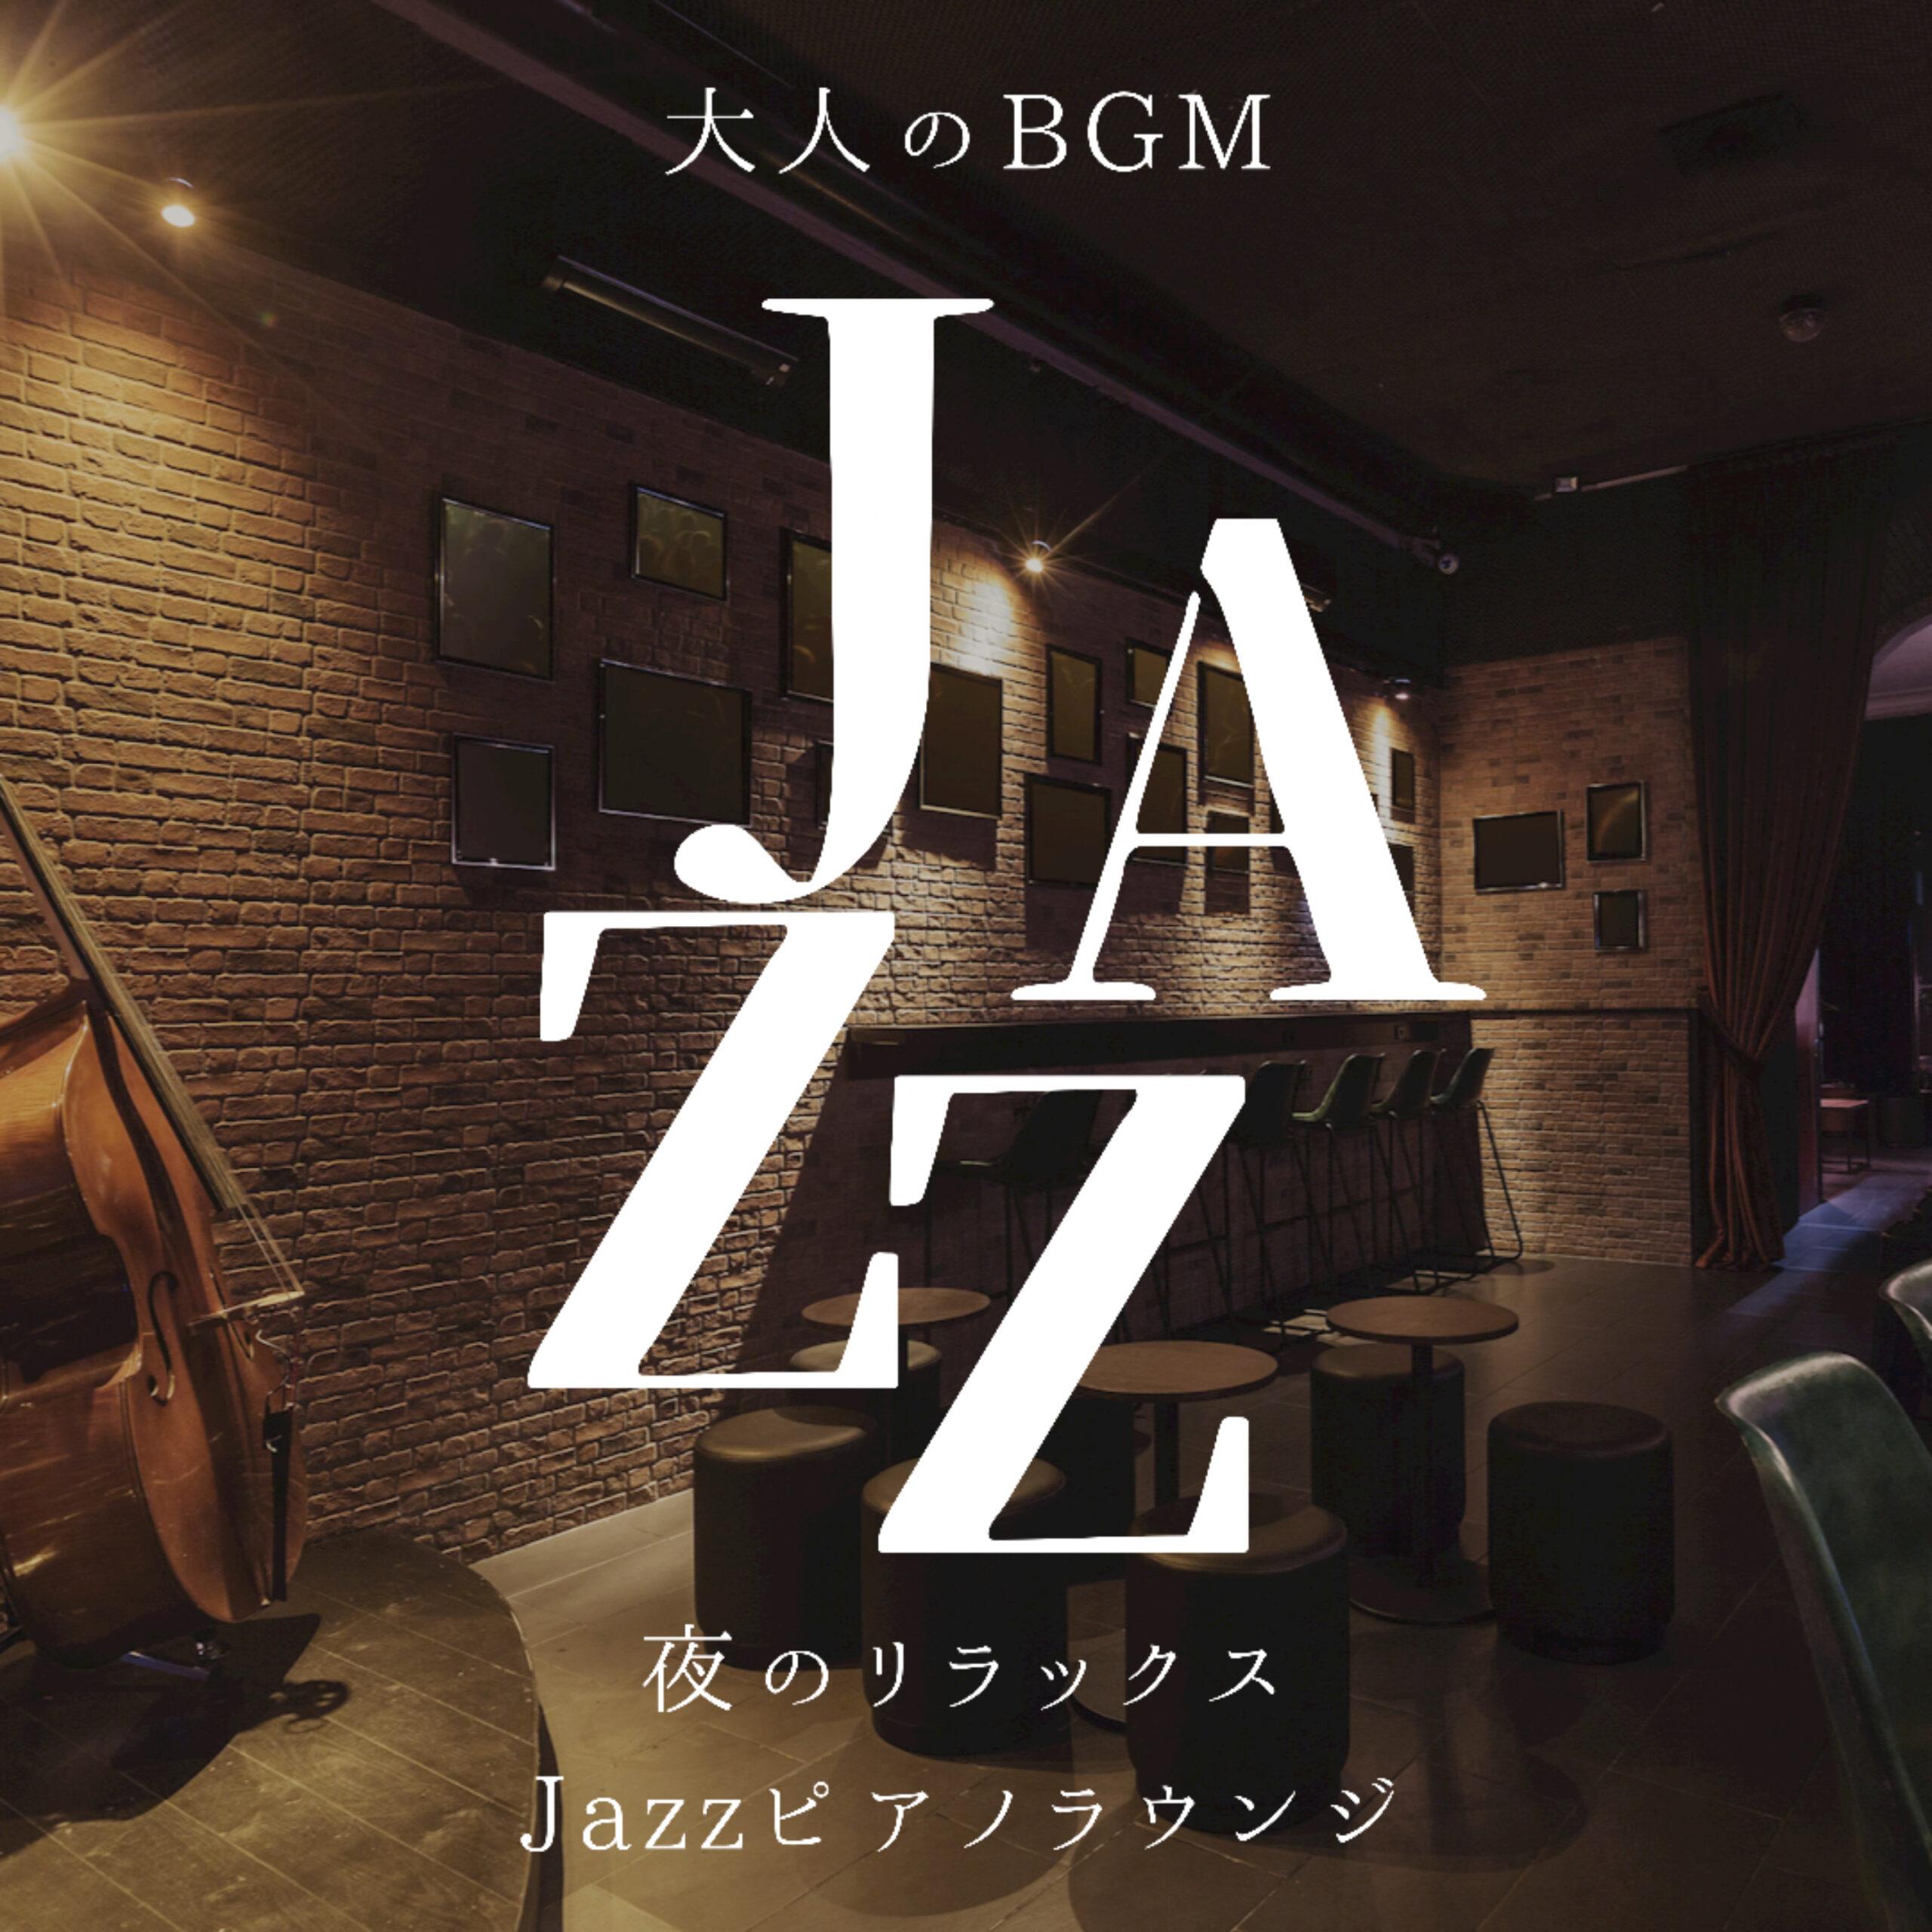 大人のBGM  JAZZ 夜のリラックス Jazzピアノラウンジ